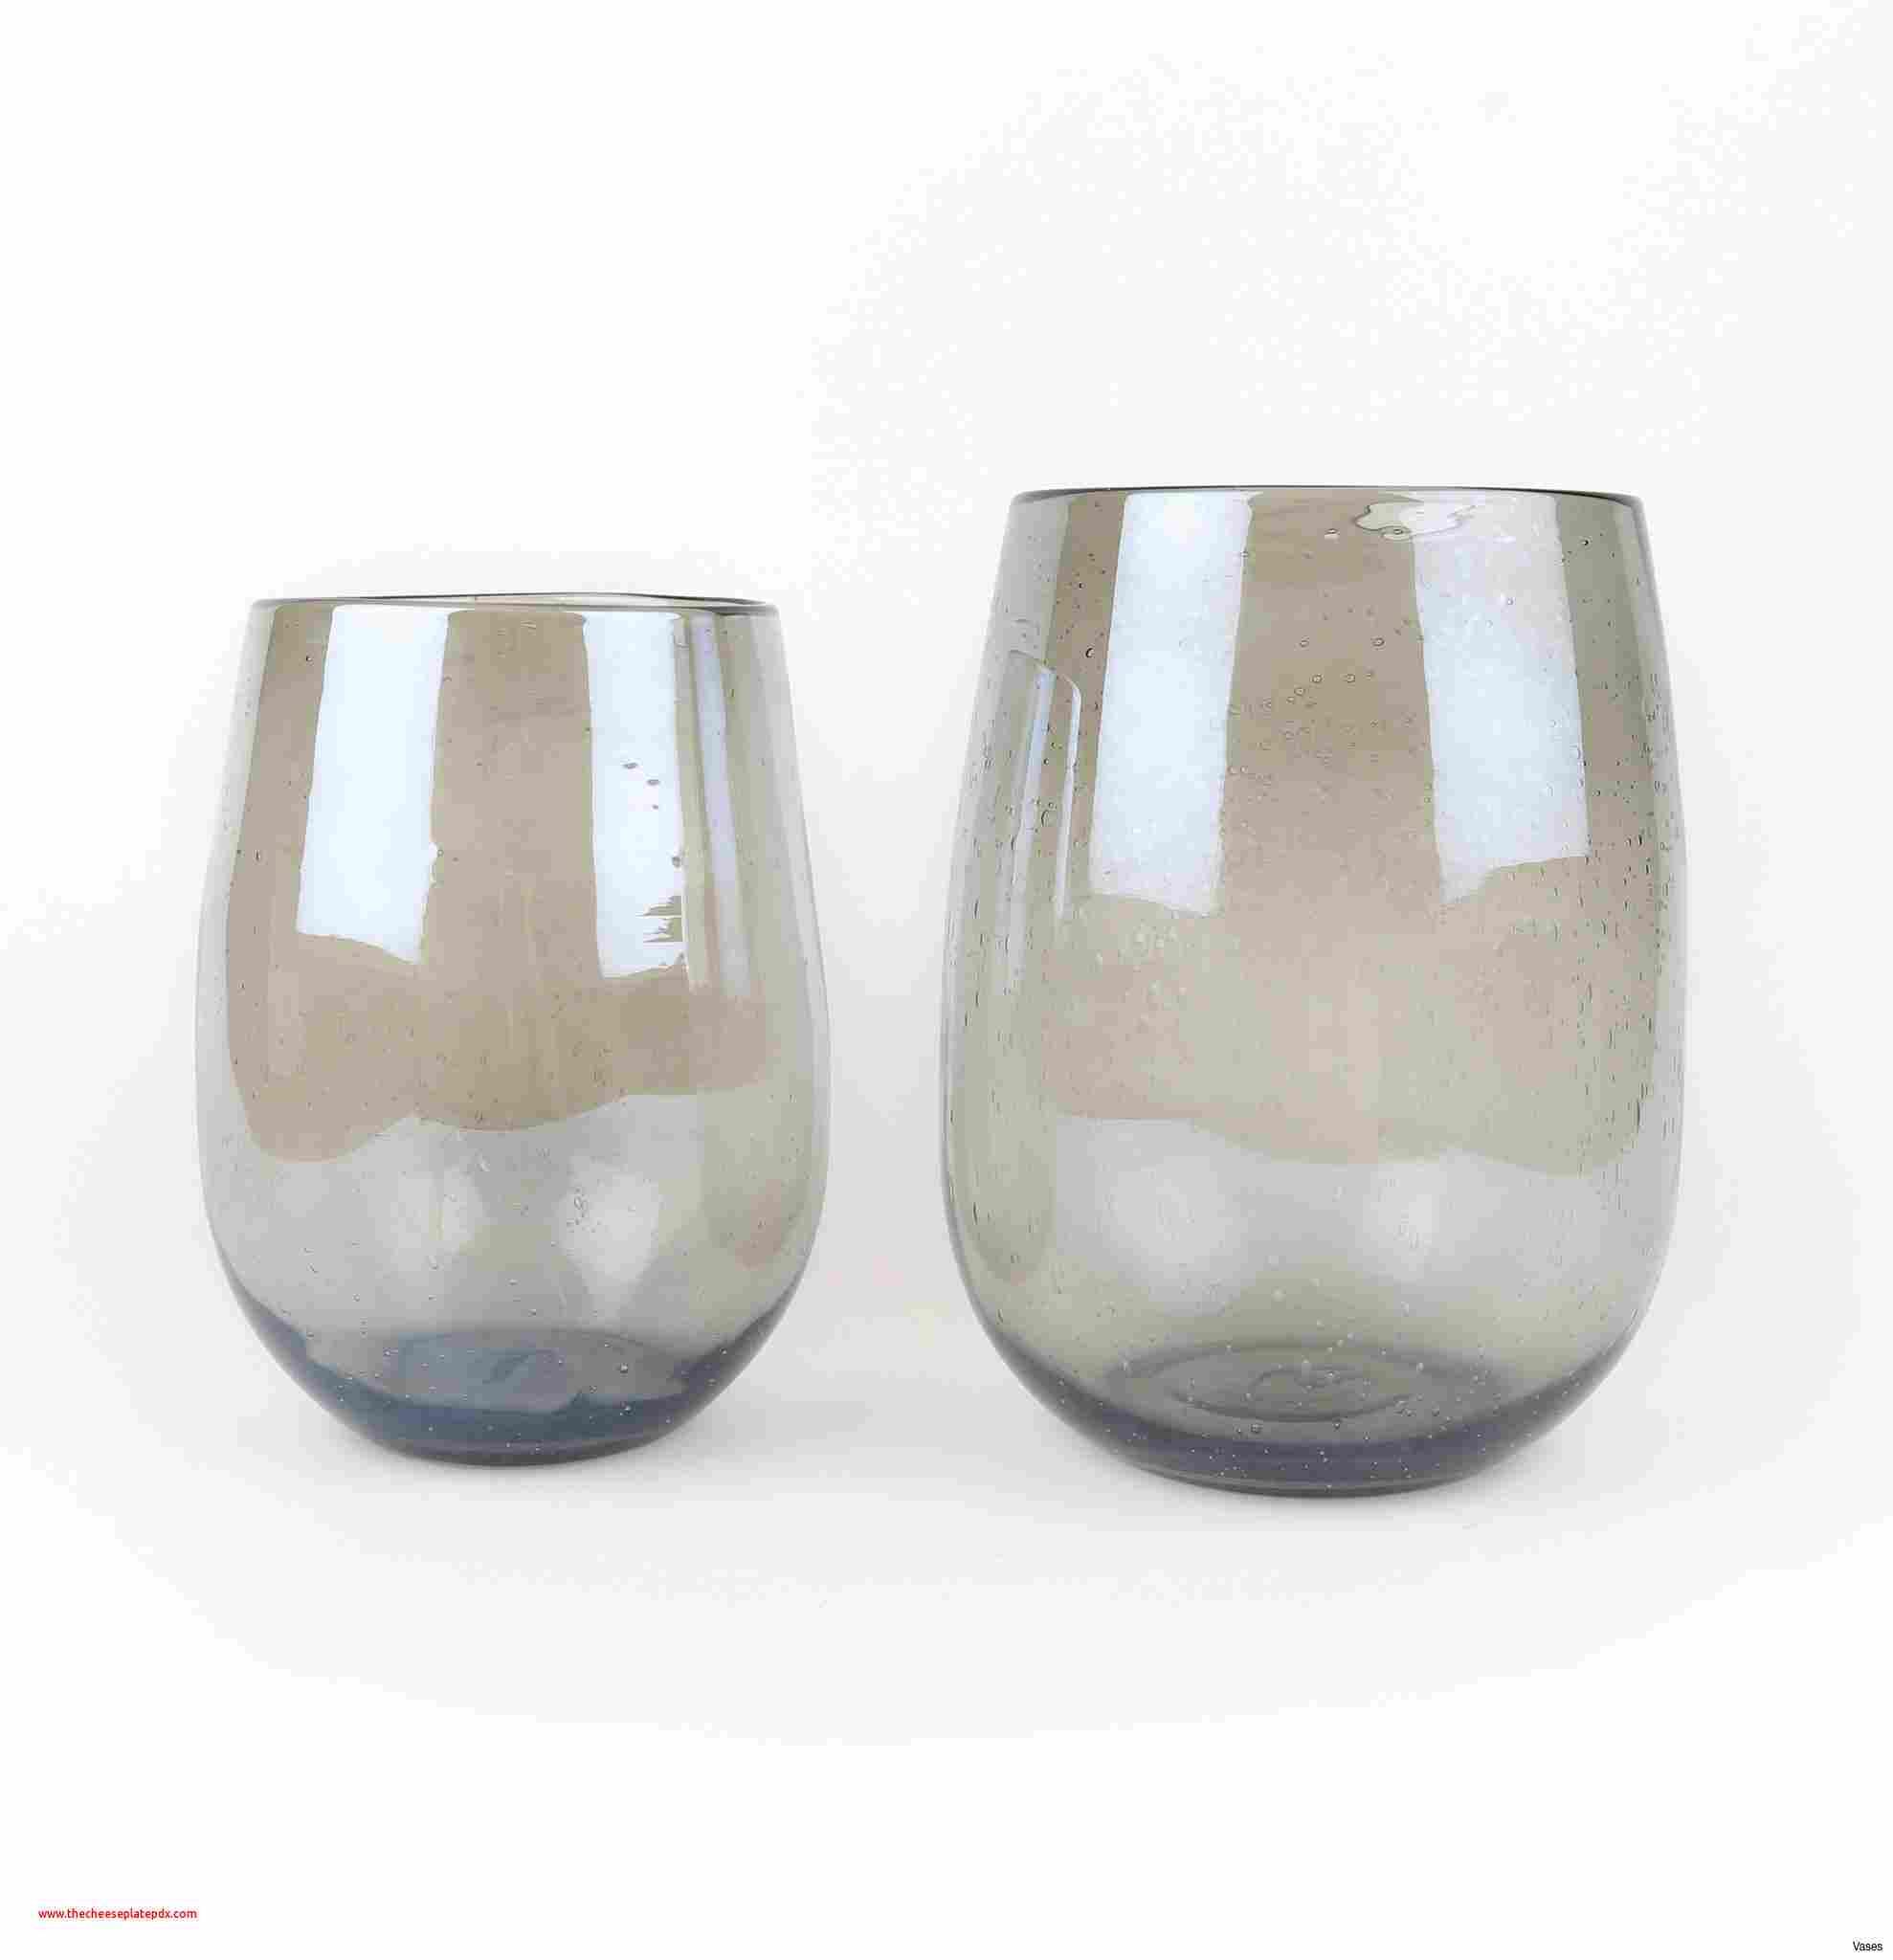 modern clear glass vases of unique bodenvase glas want within bodenvase glas individuals vase glass clear grey backdrop 1024x1024 jpg v h vases